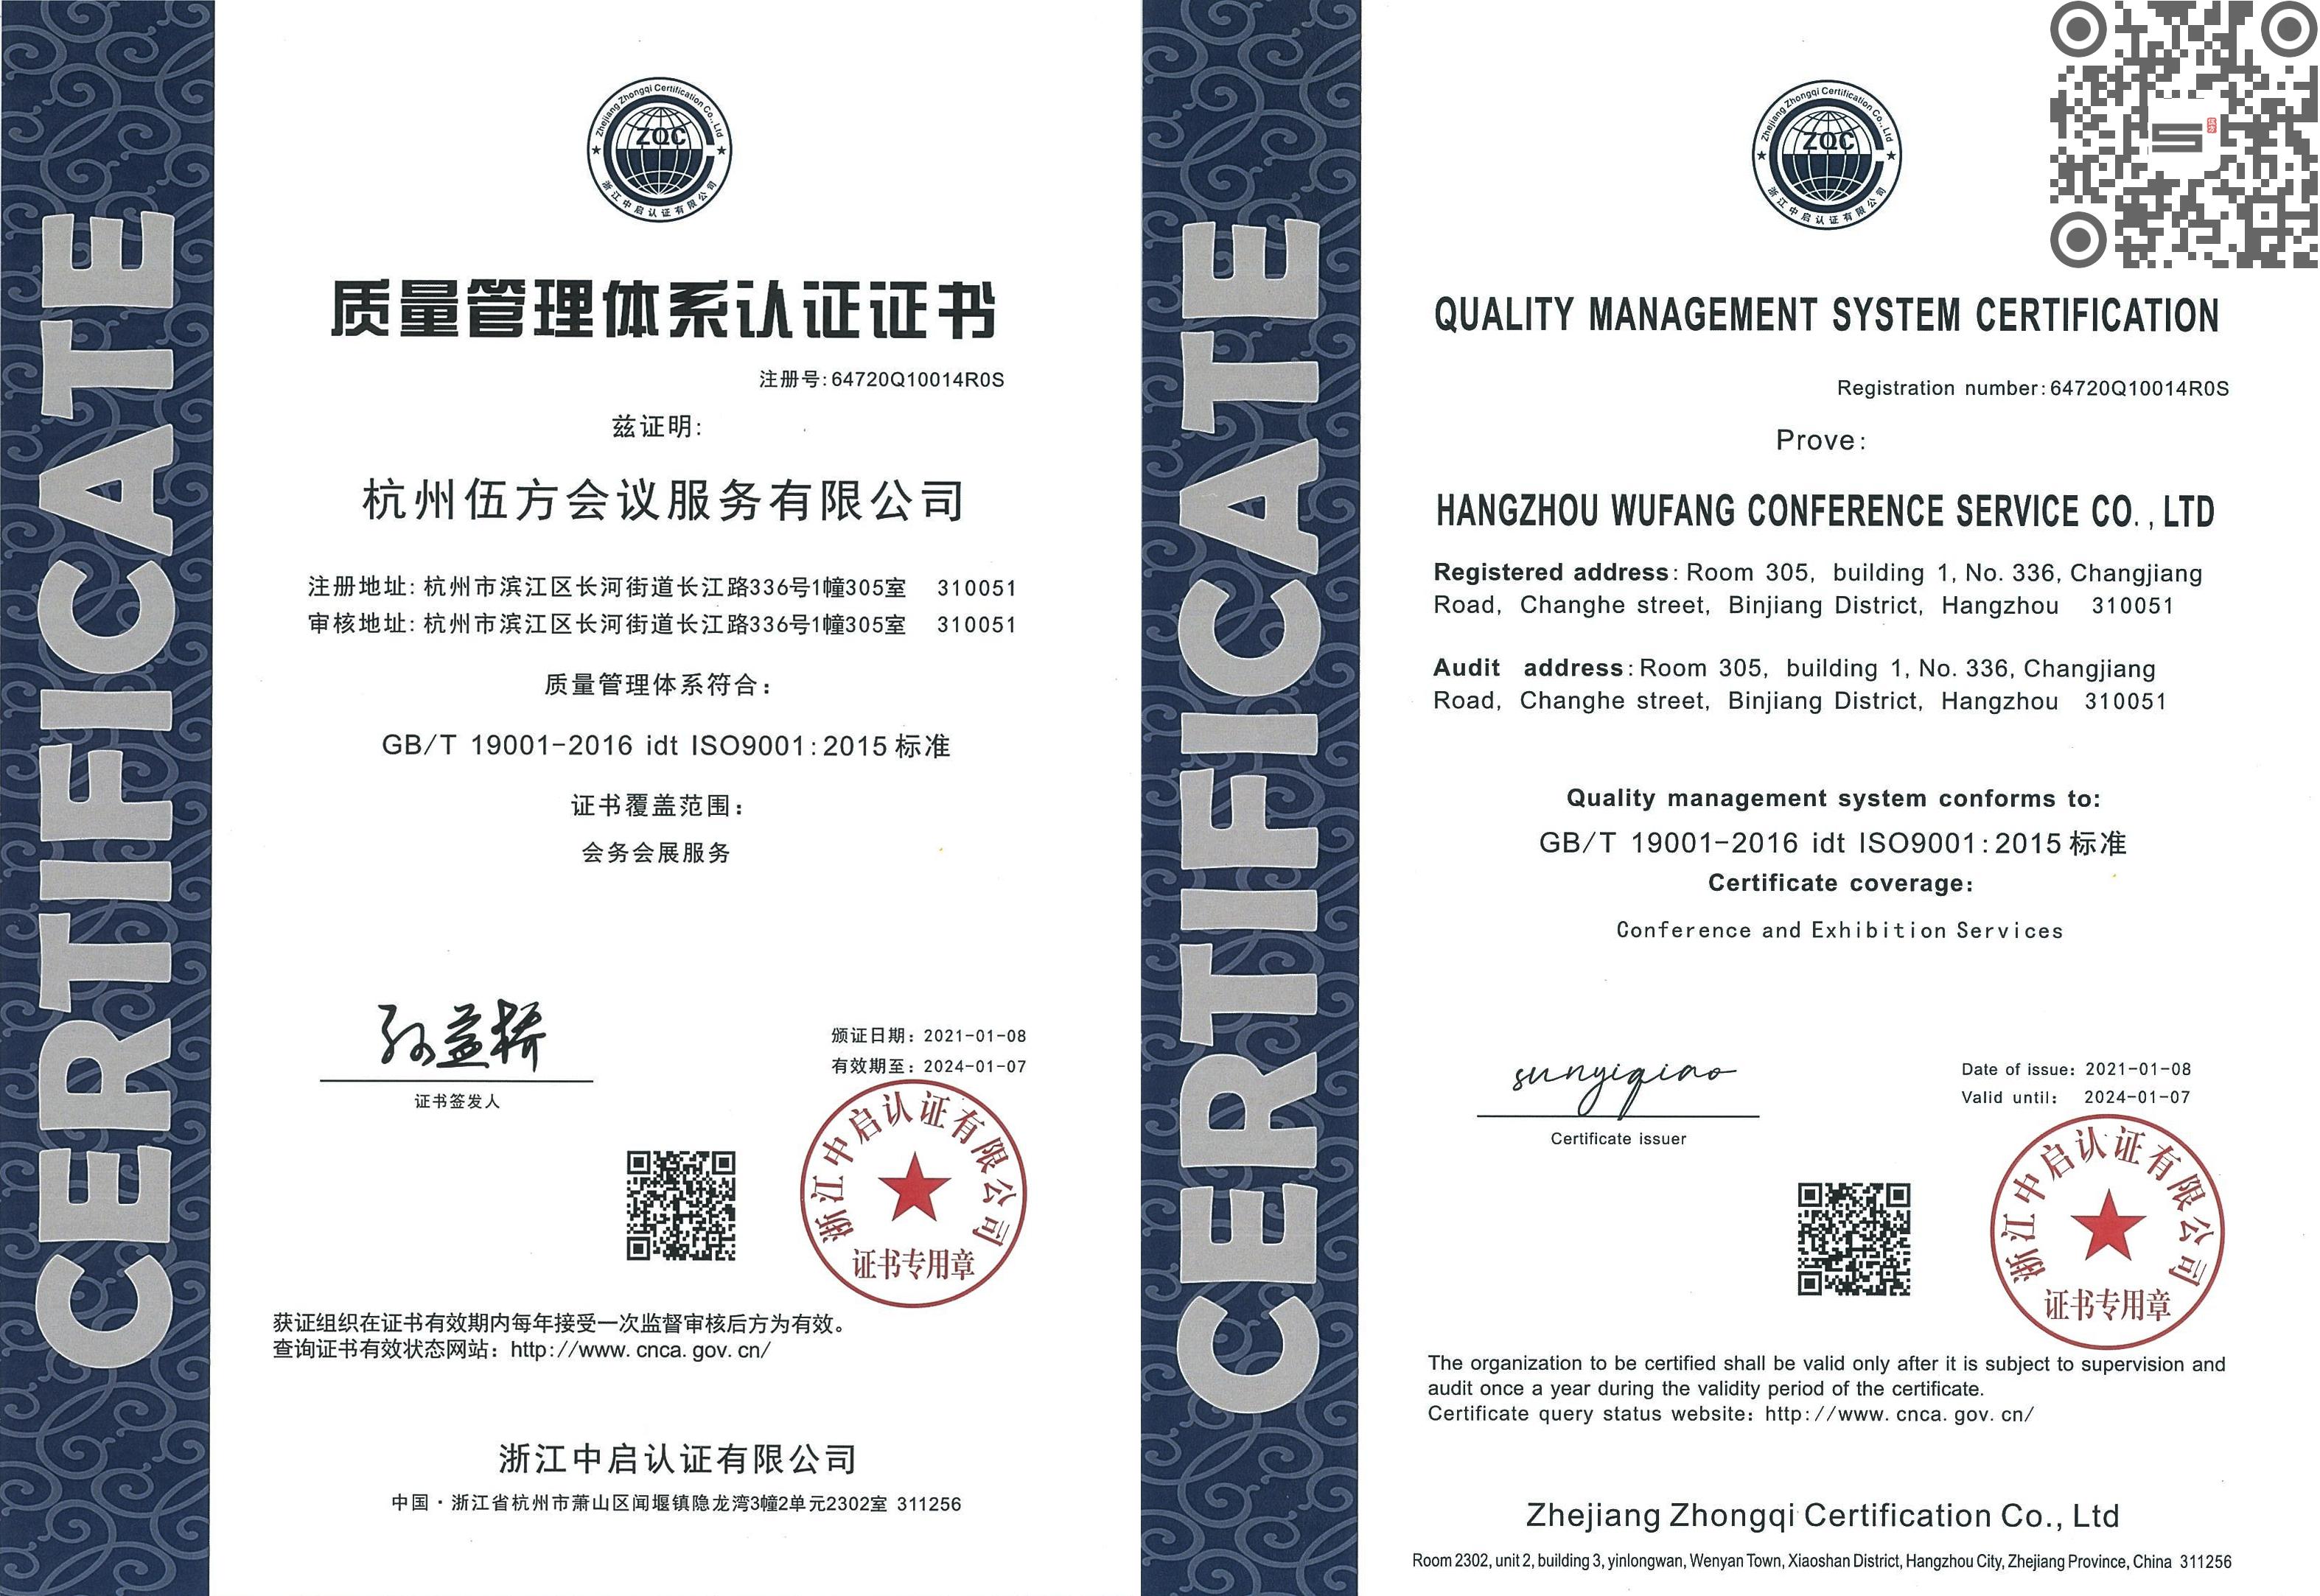 伍方会议会务会展服务质量管理体系认证证书